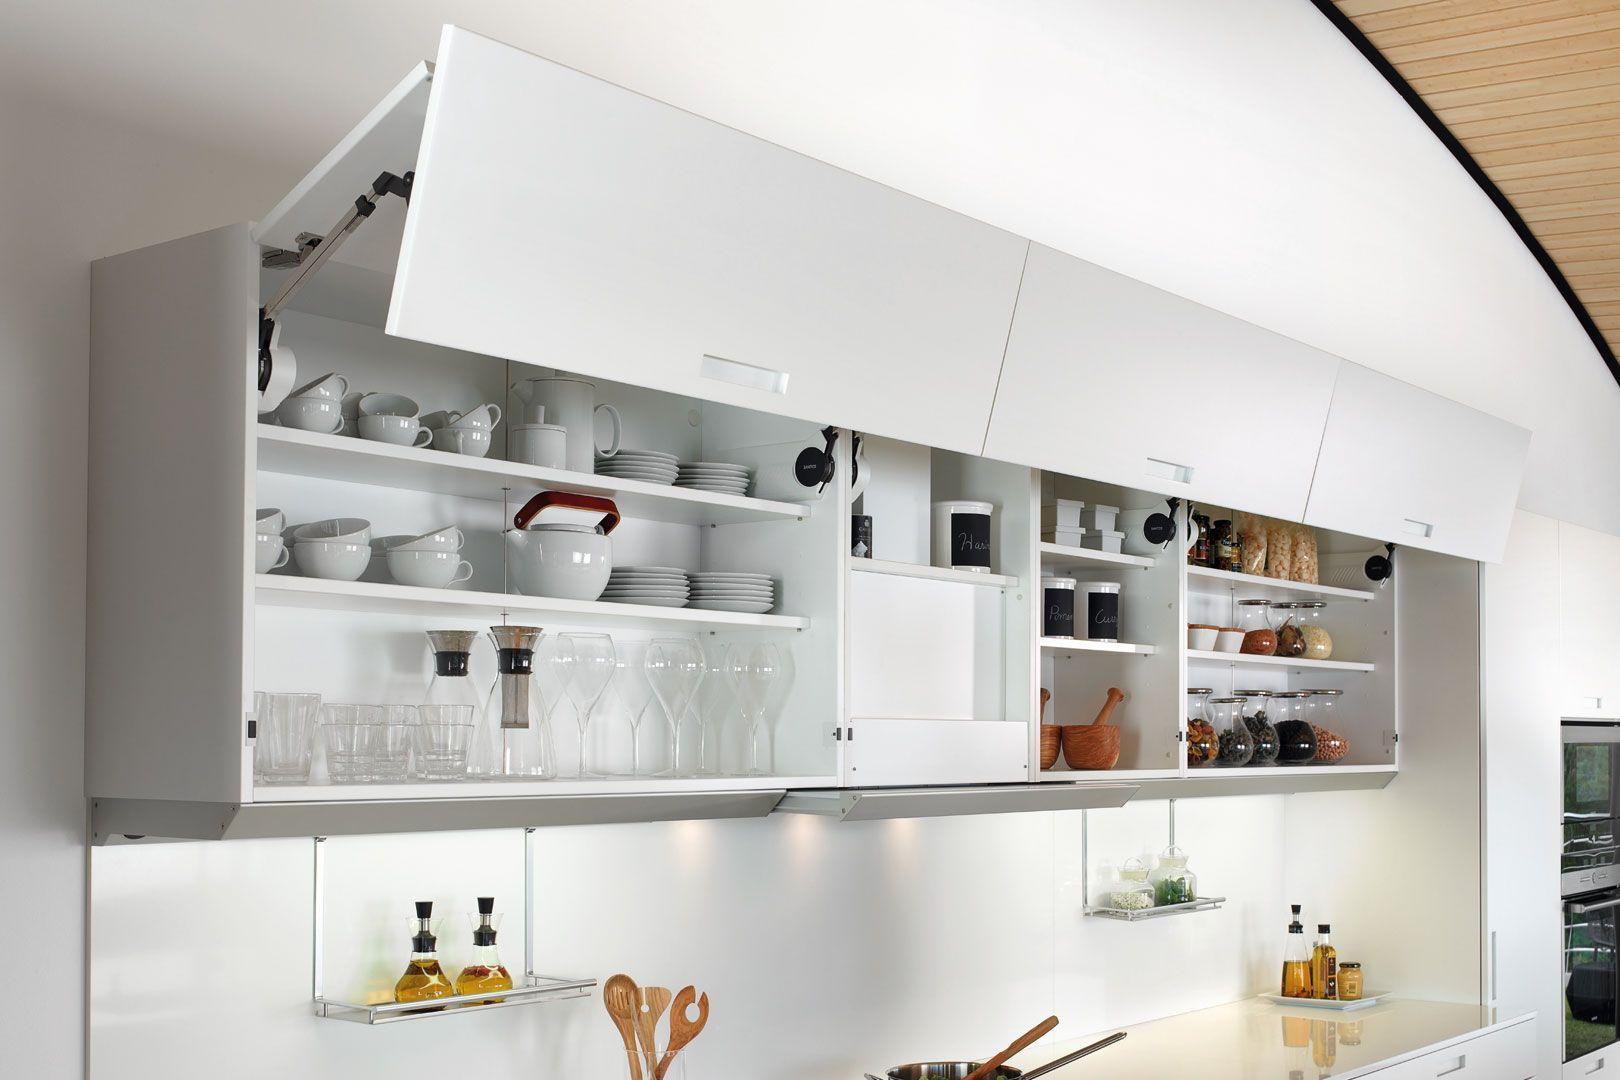 Muebles de cocina altos con apertura superior en 2019 ...